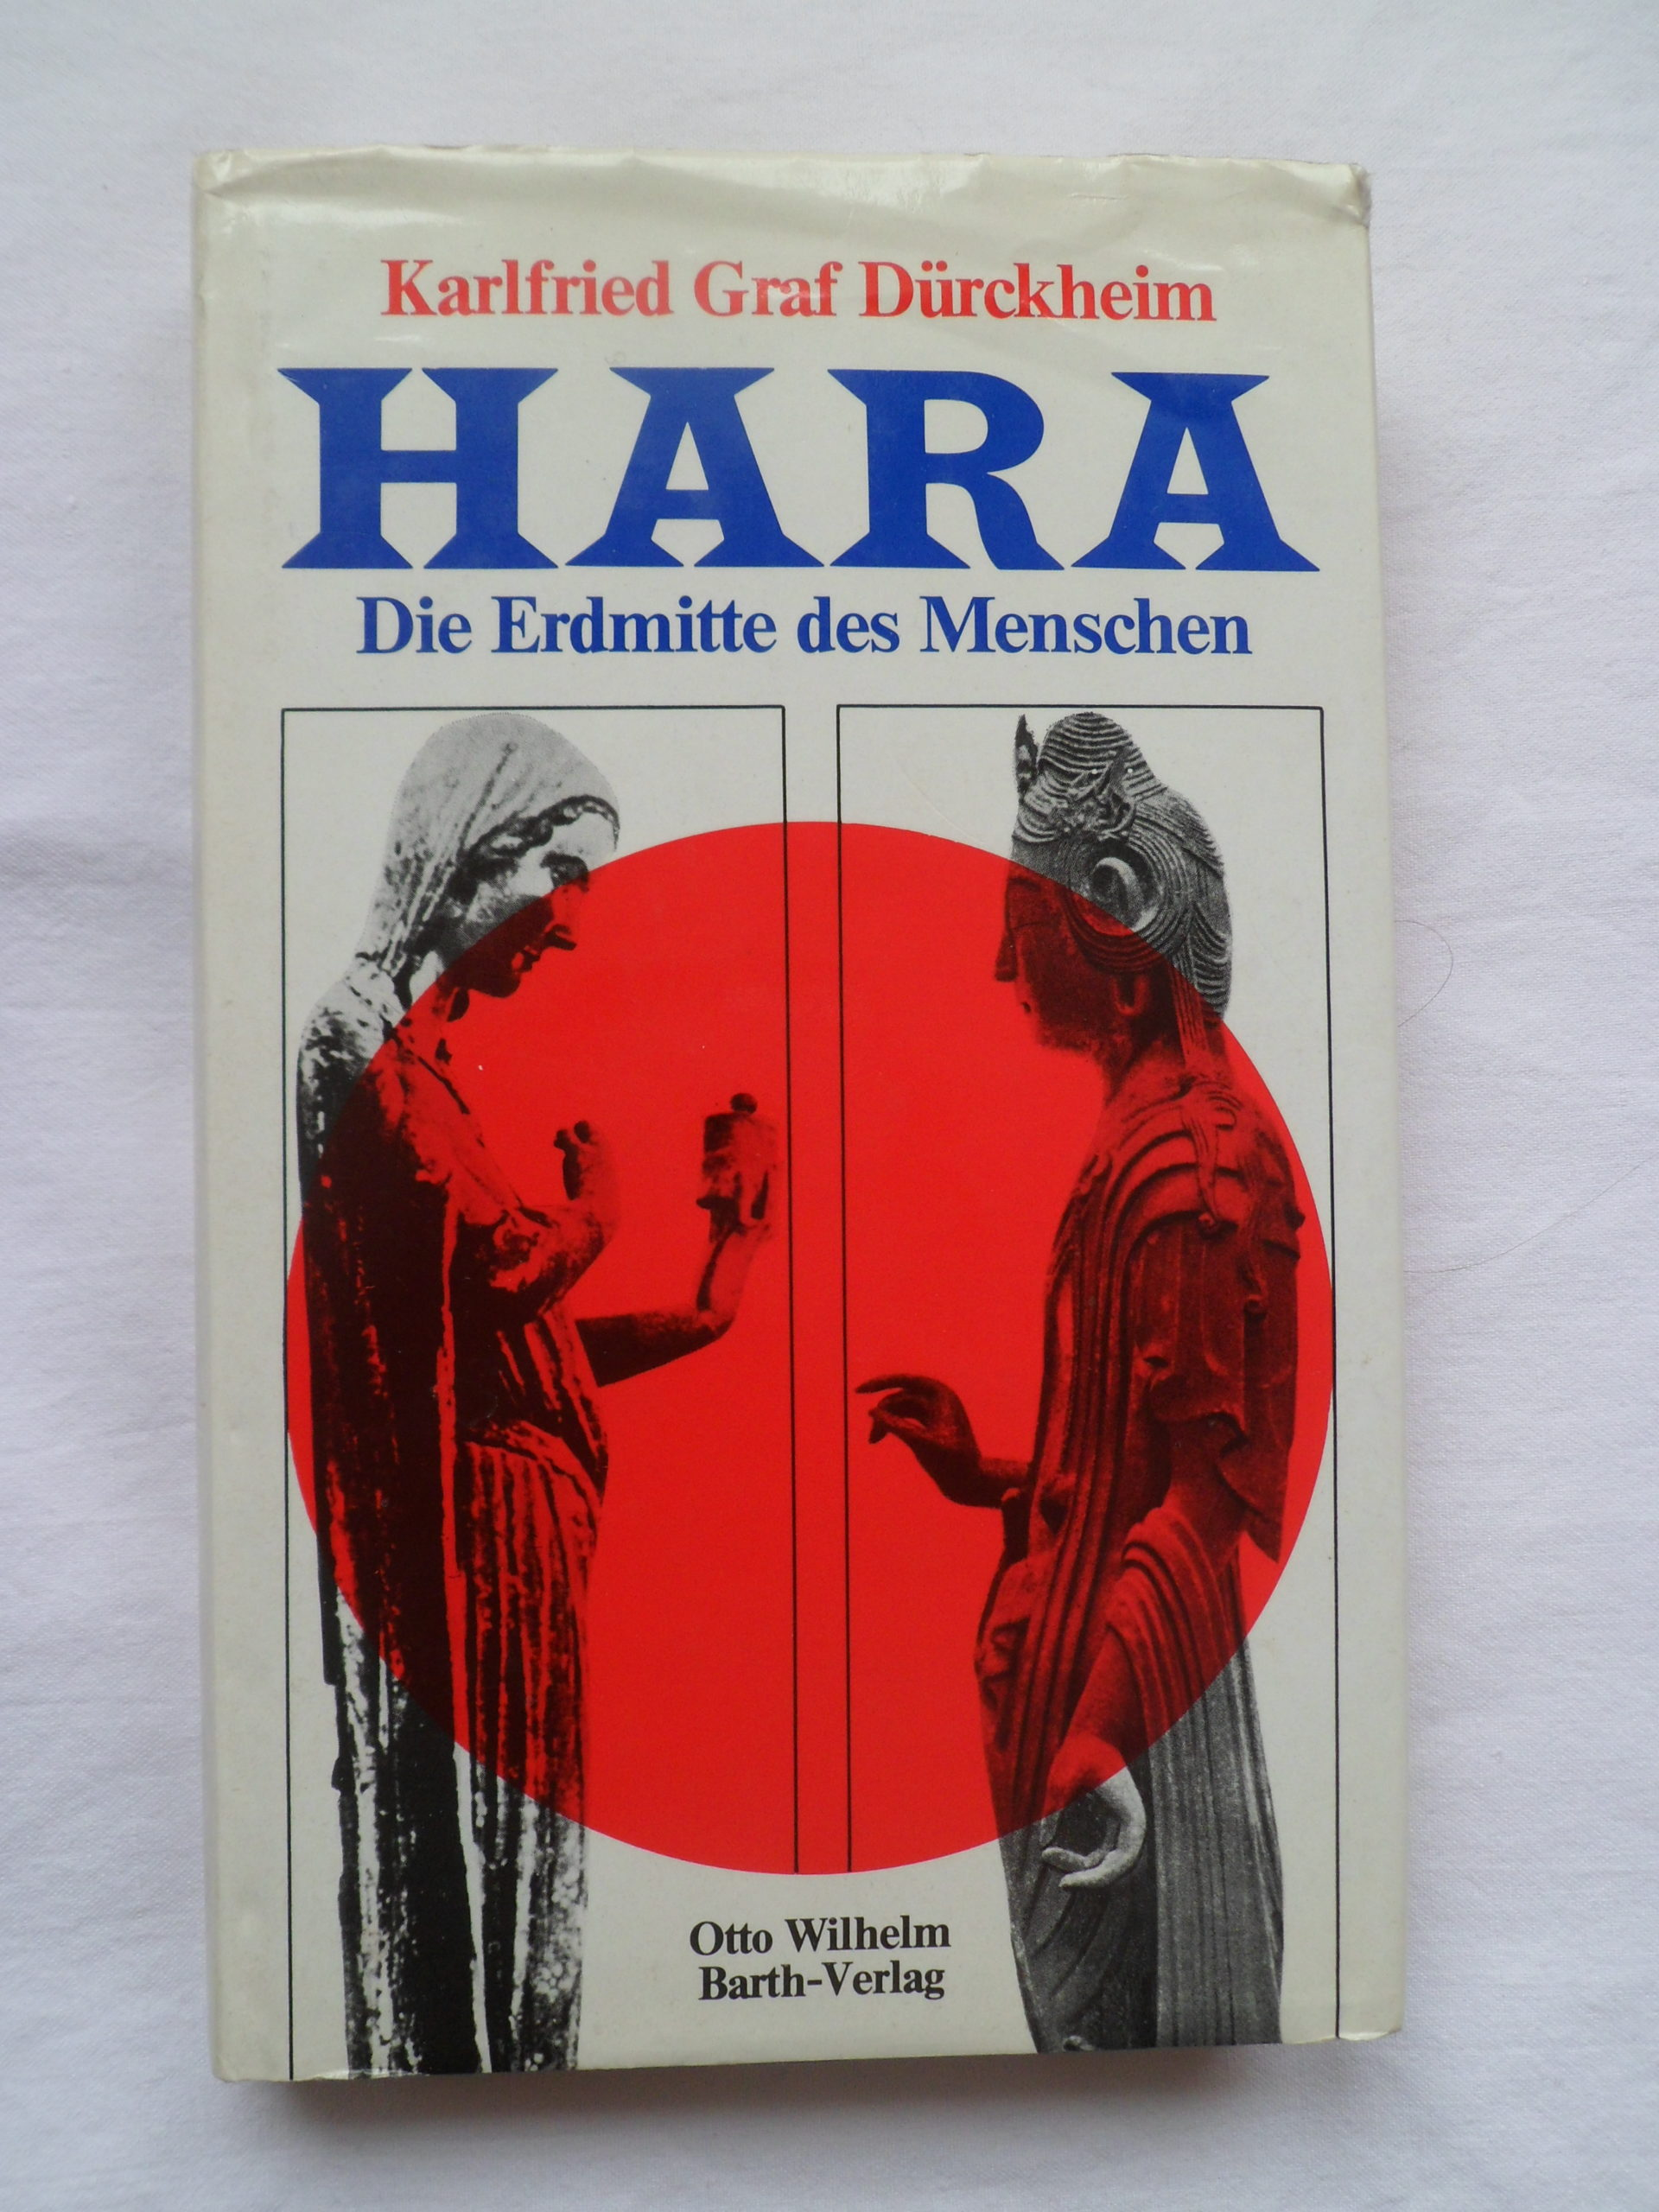 Hara – Die Erdmitte des Menschen